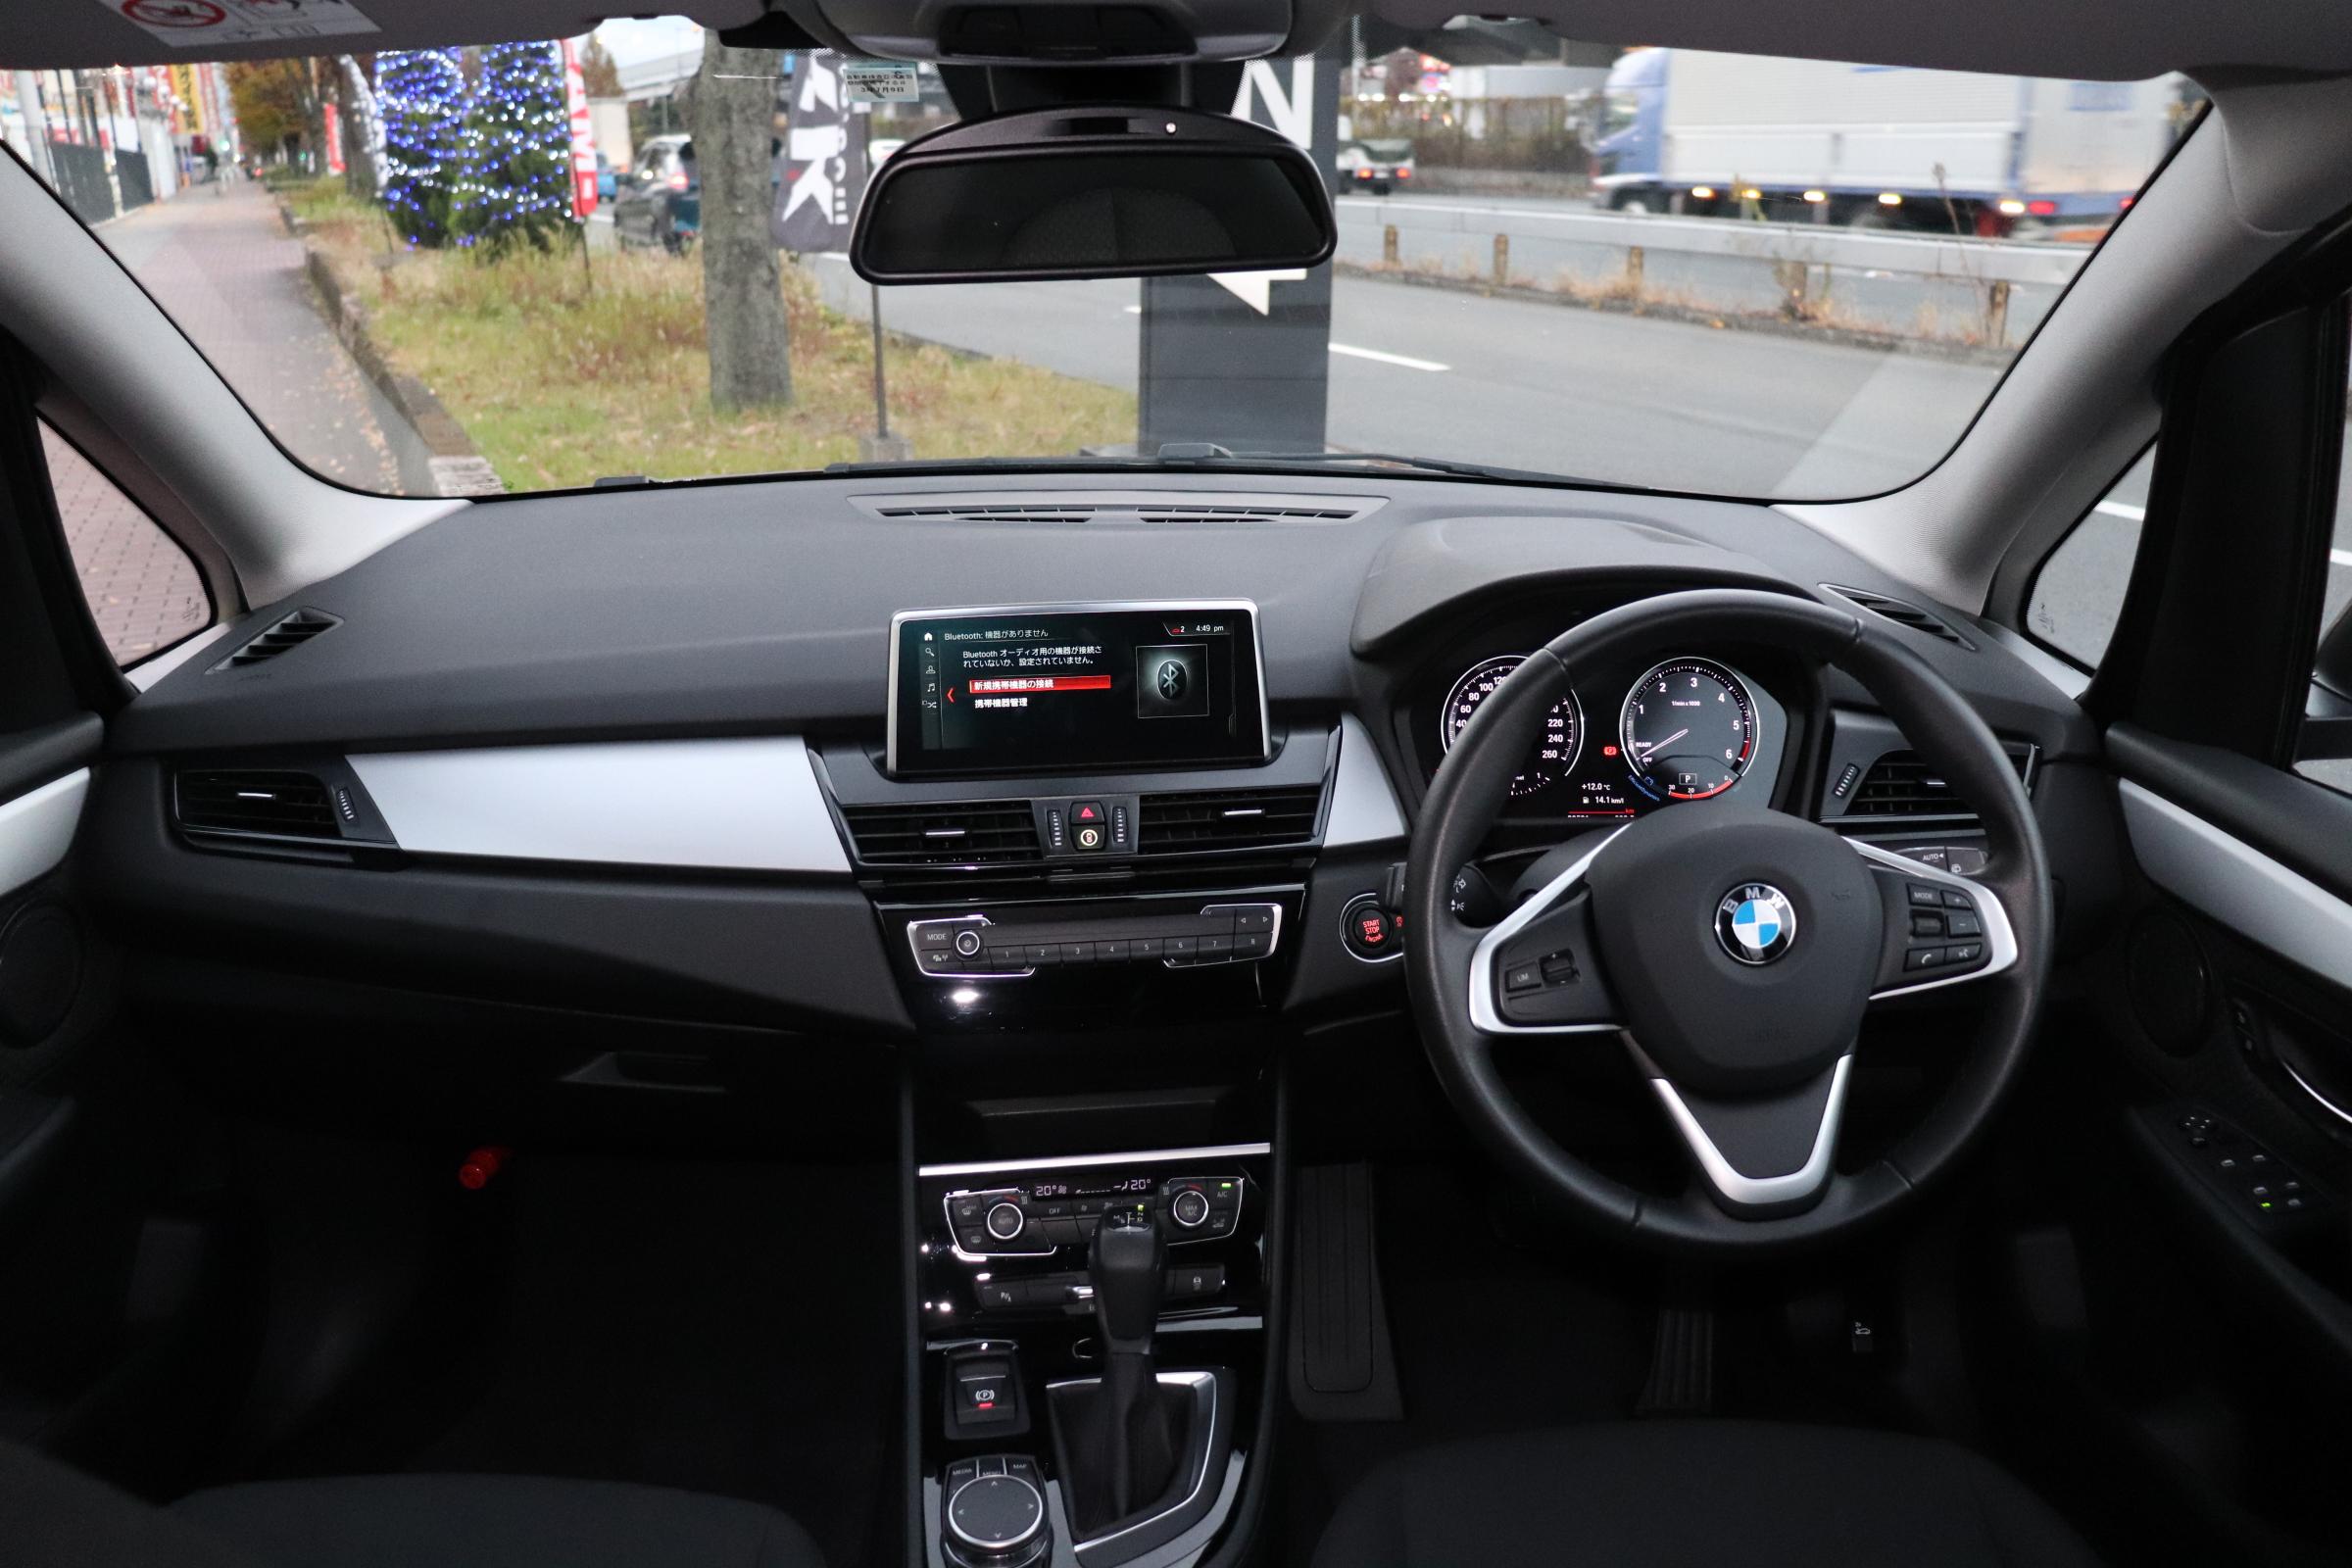 218dLCI グランツアラー LED Pサポート シートヒーター バックカメラ車両画像15